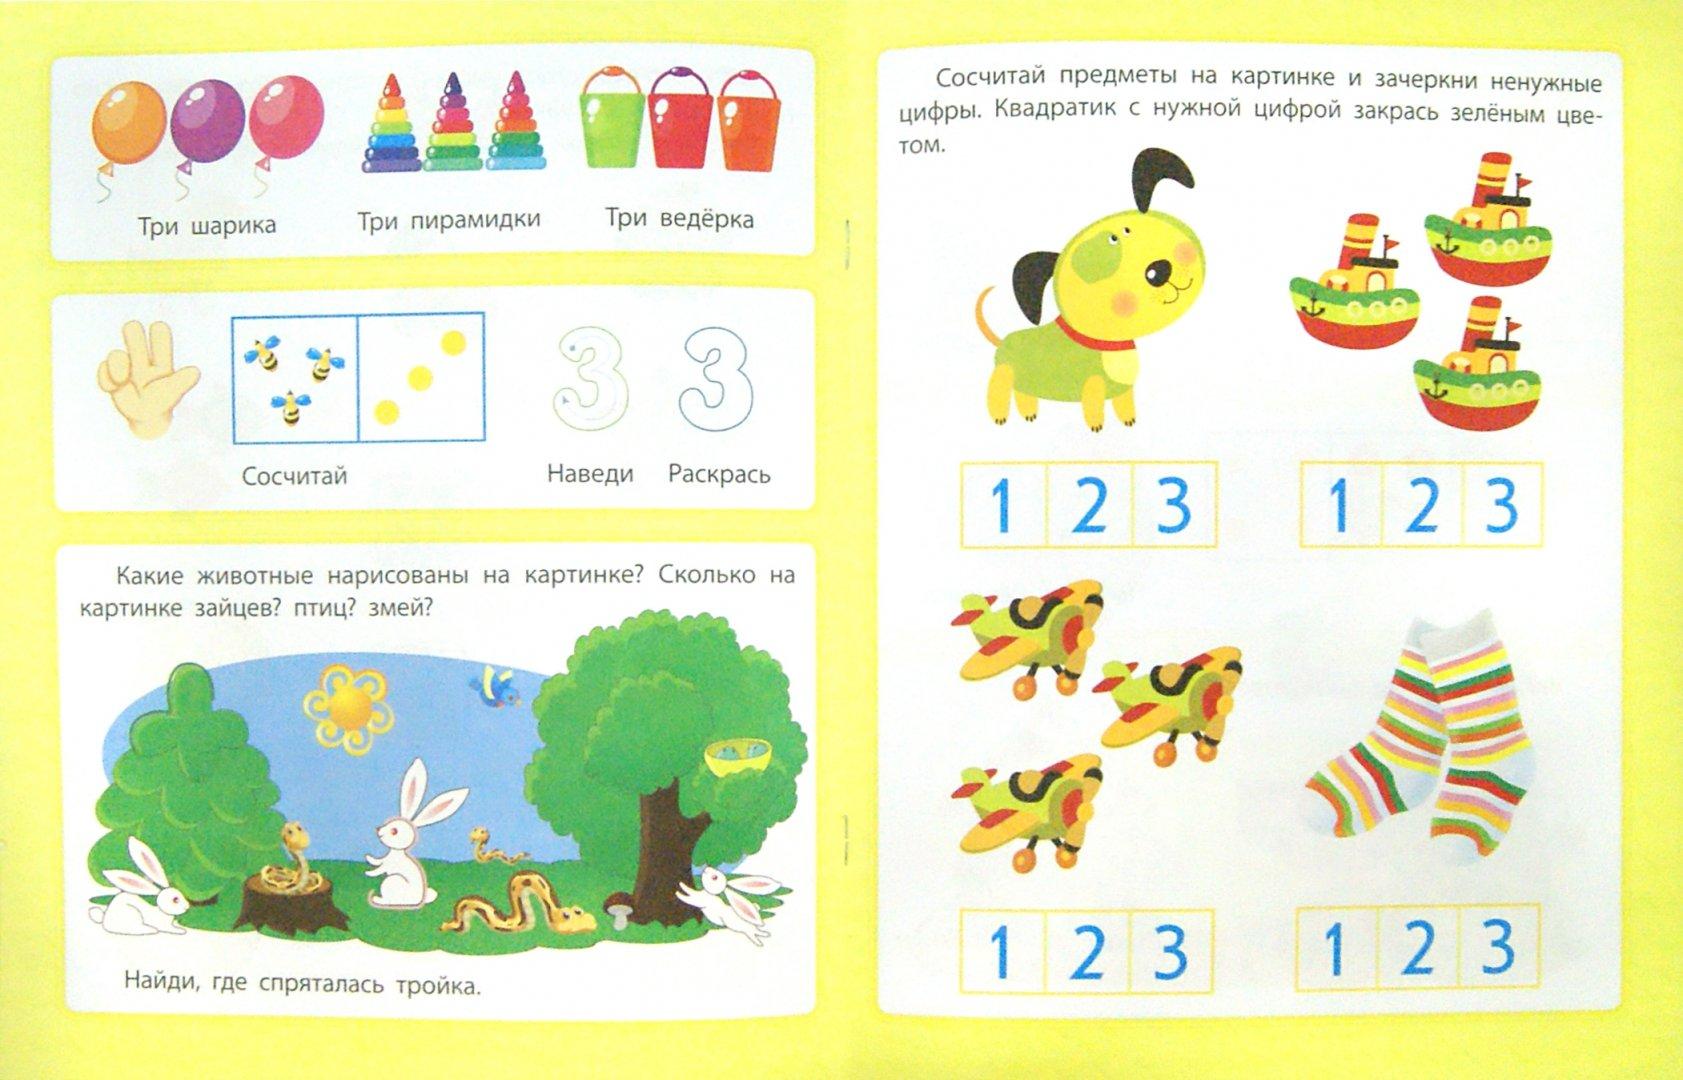 Иллюстрация 1 из 20 для Любознательным малышам. Цифры и счет - Евгения Ищук | Лабиринт - книги. Источник: Лабиринт